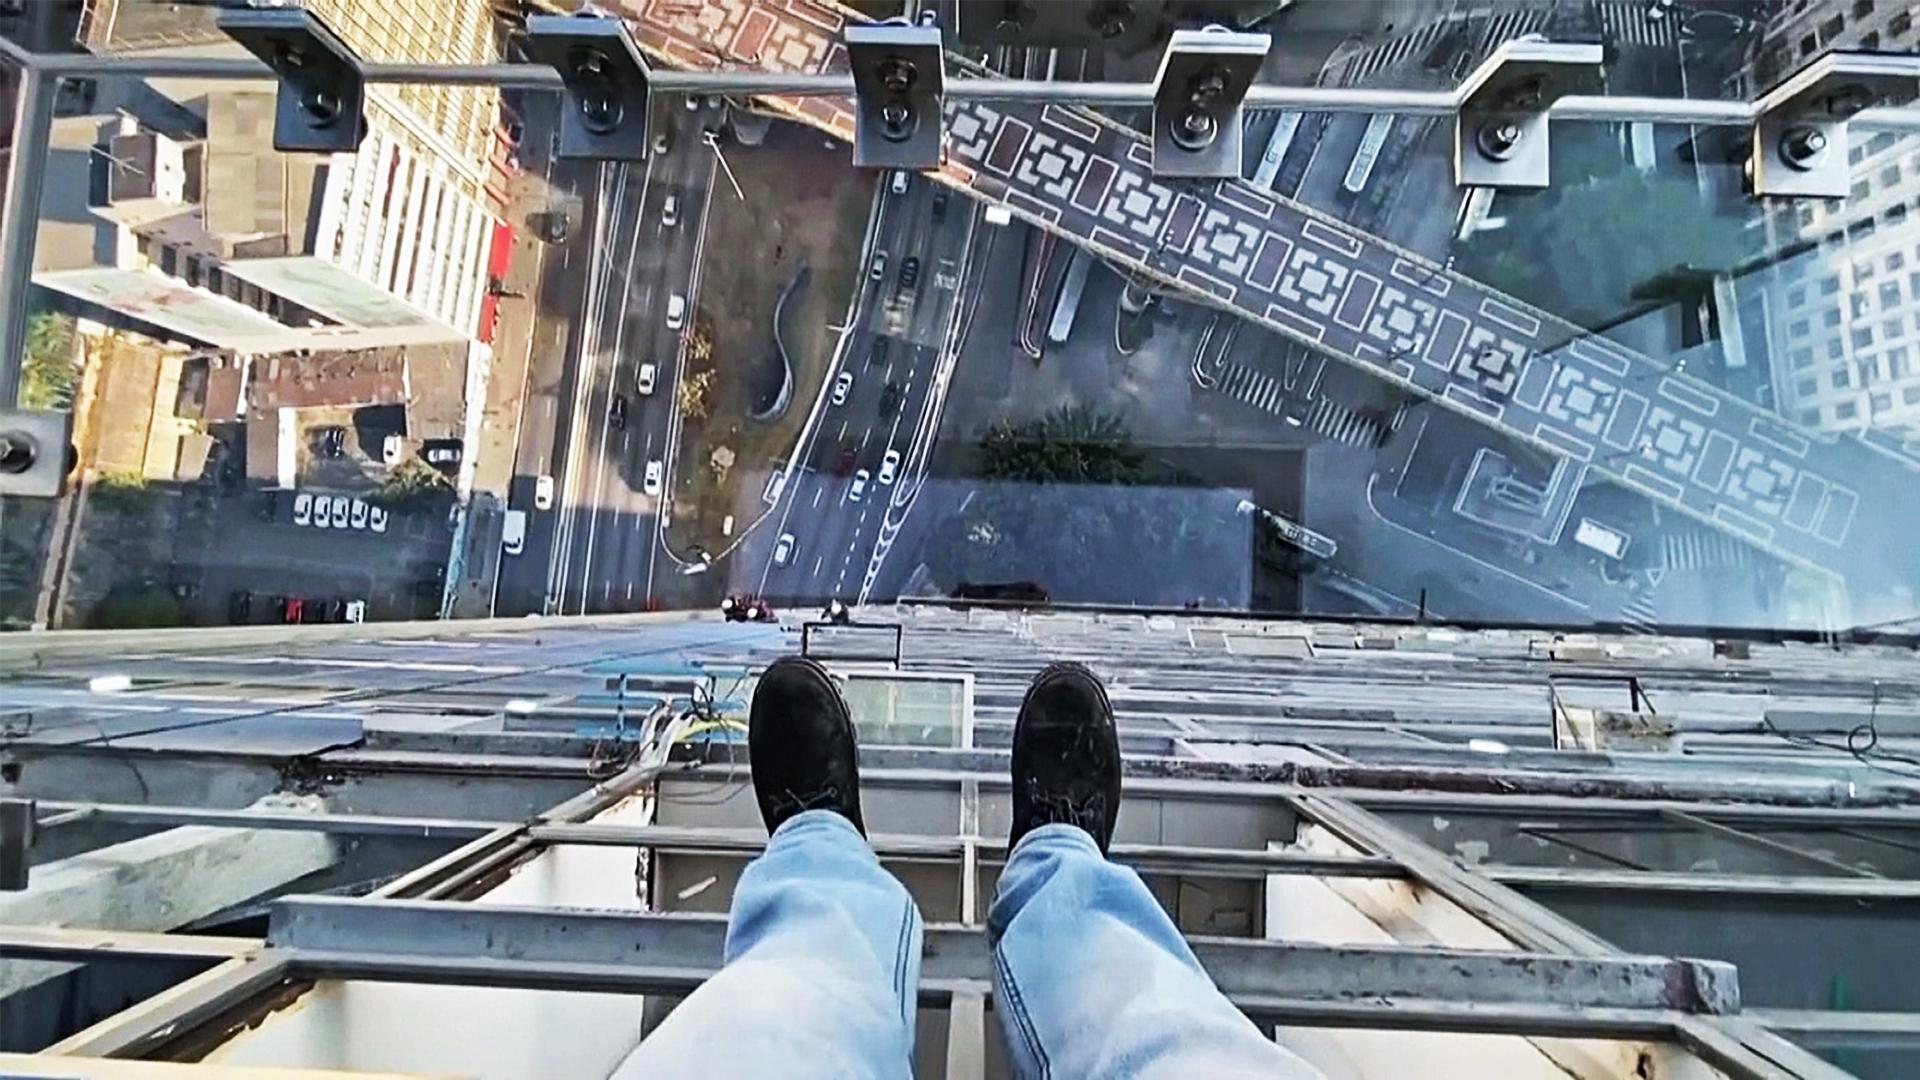 Пощекотать нервы: кто готов сделать фото на прозрачном балконе в Сан-Паулу